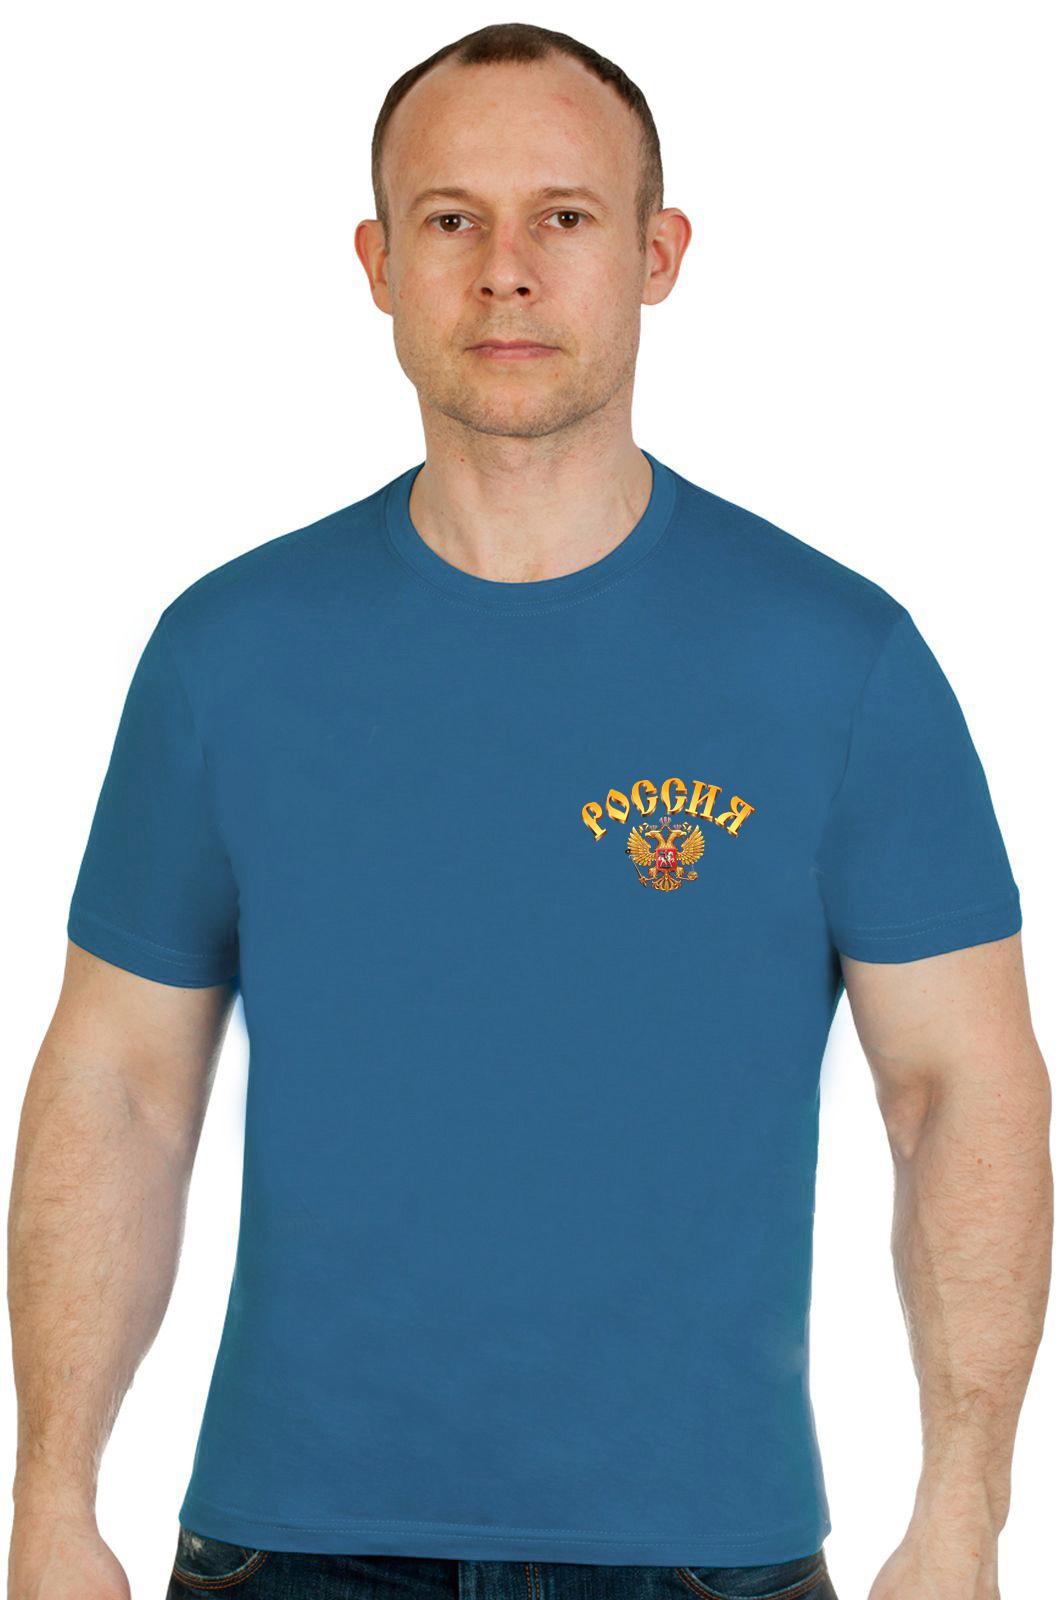 Заказать футболку для патриота Россия с орлом оптом